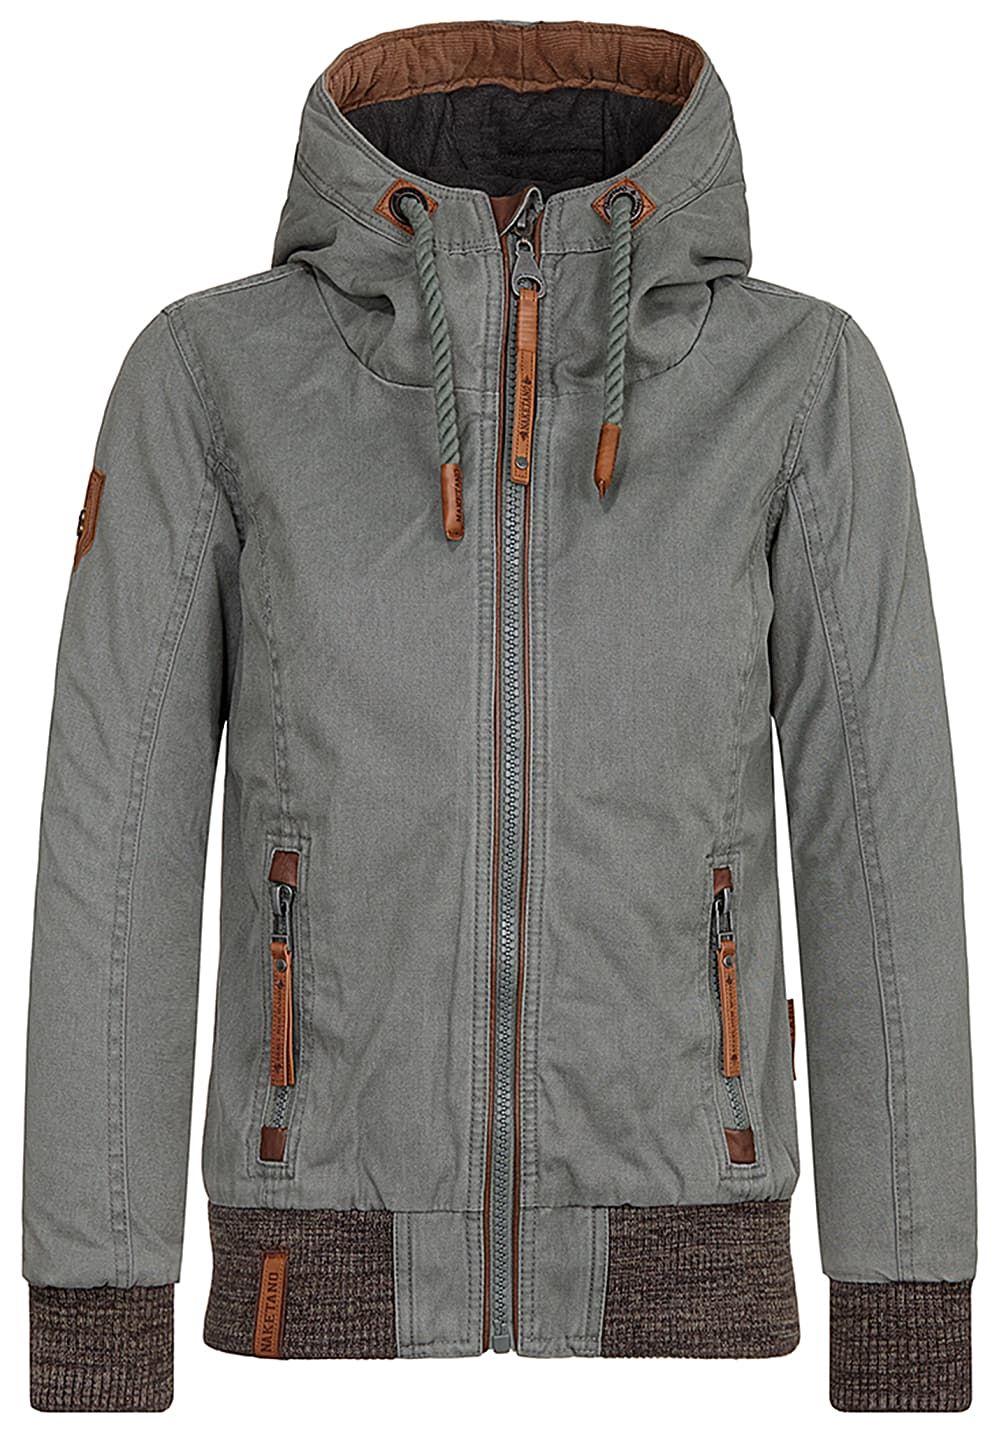 Pin by ladendirekt on Jacken Jackets for women, Jackets